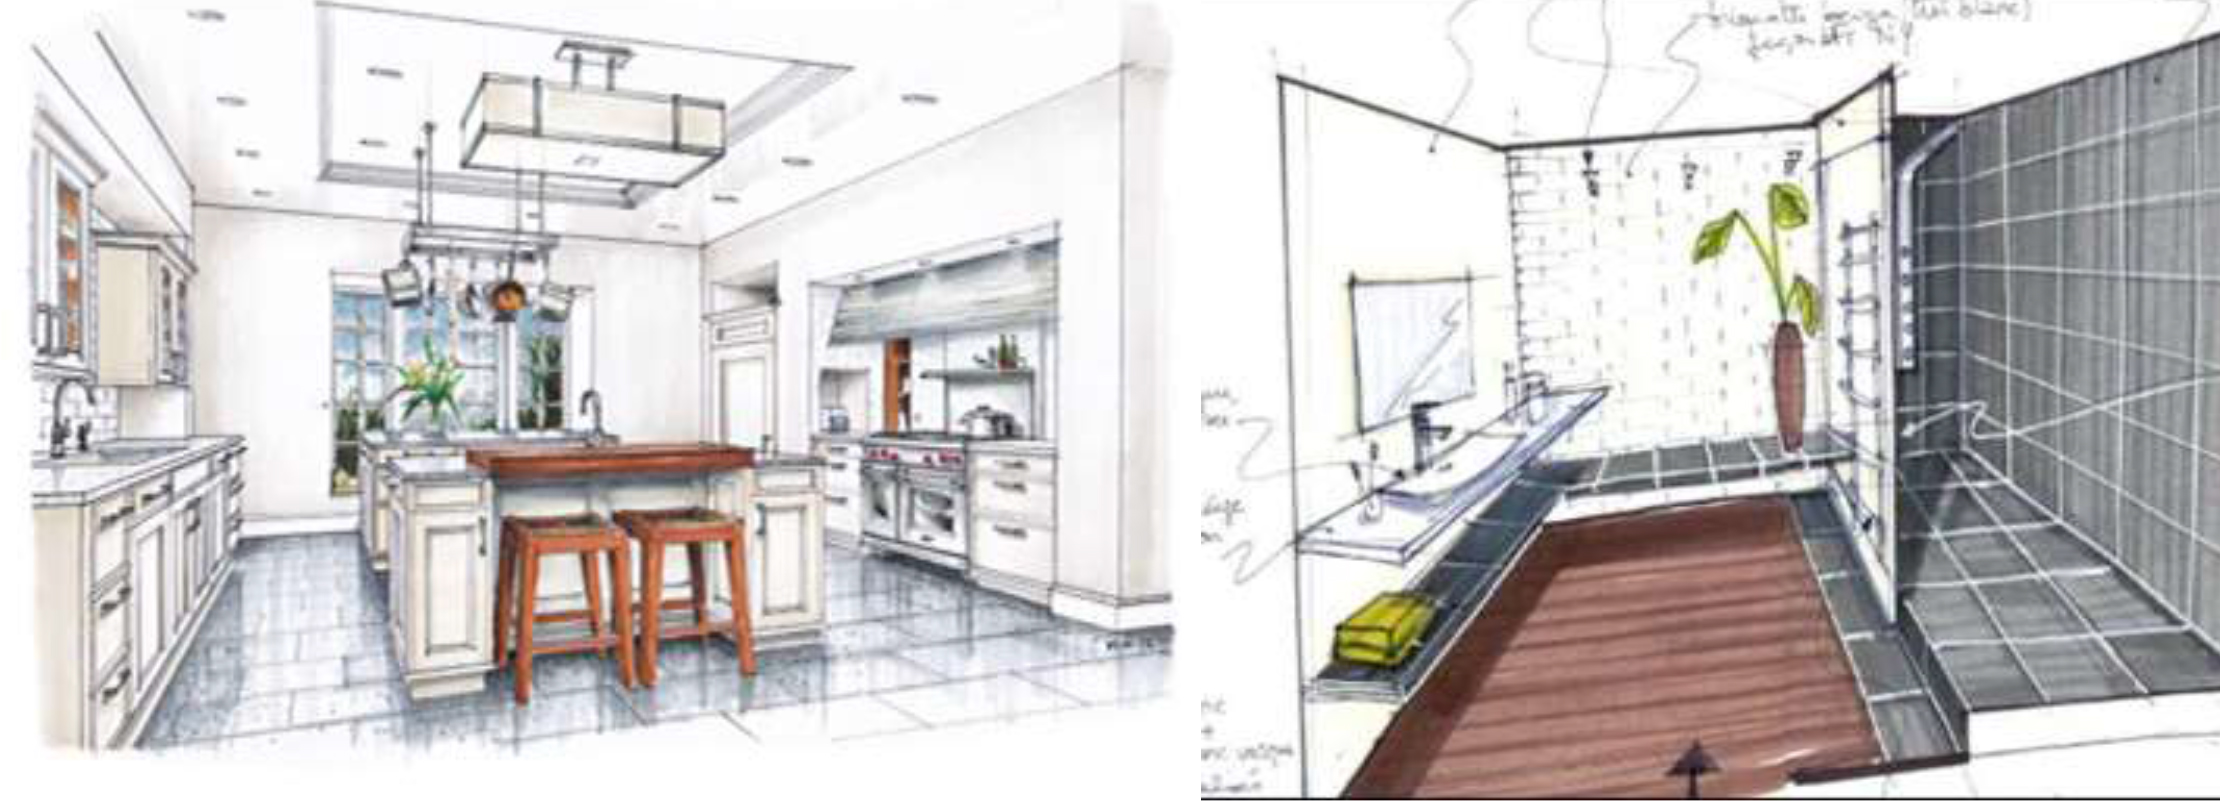 Aménagement Intérieur Salle Bain bois design - accueil